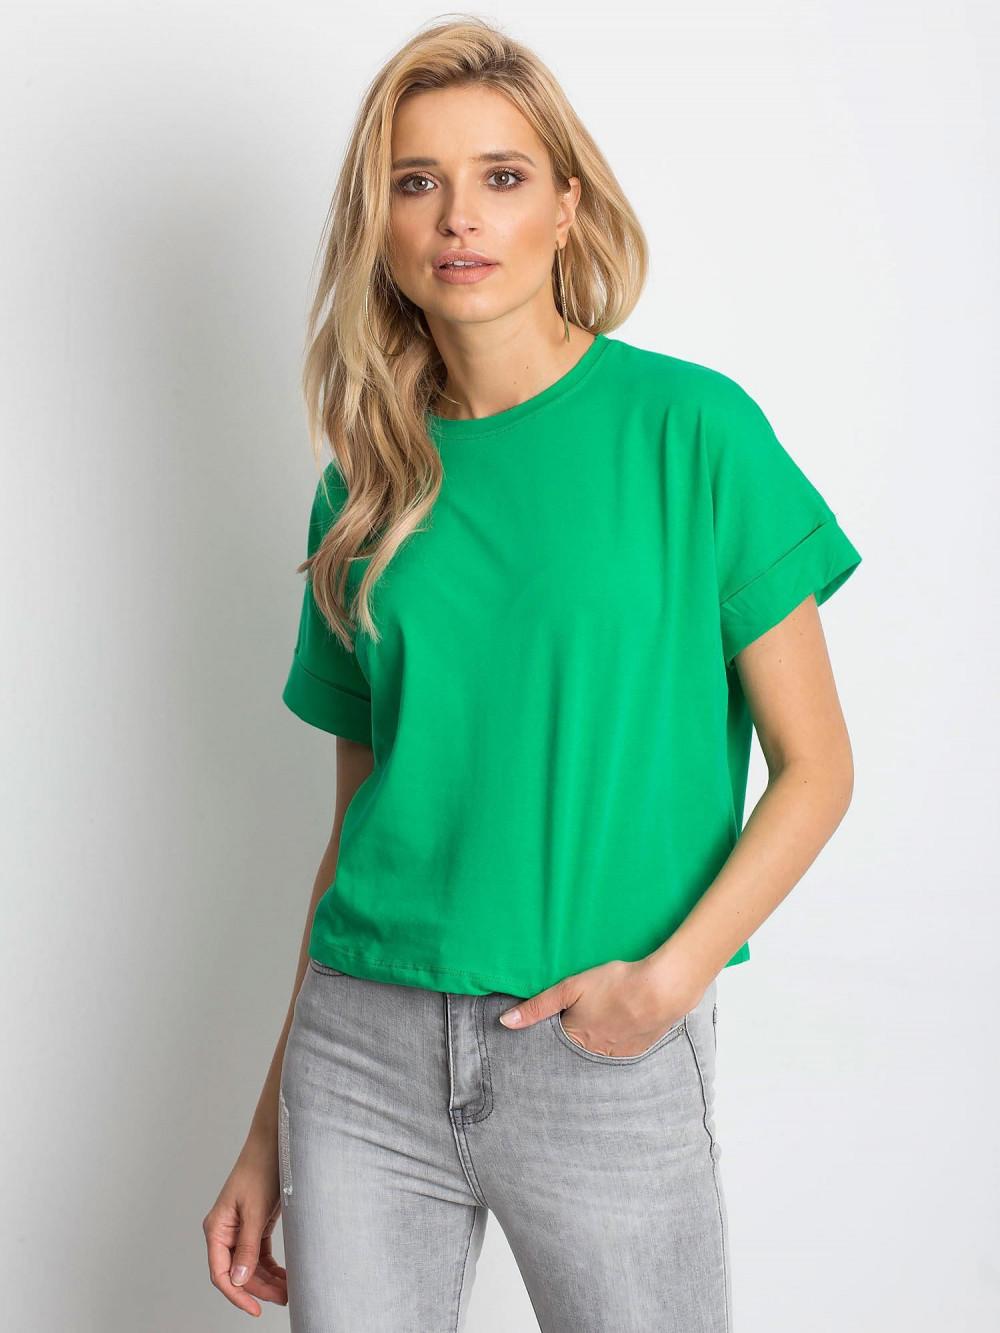 Ciemnozielony luźny t-shirt Blink 1